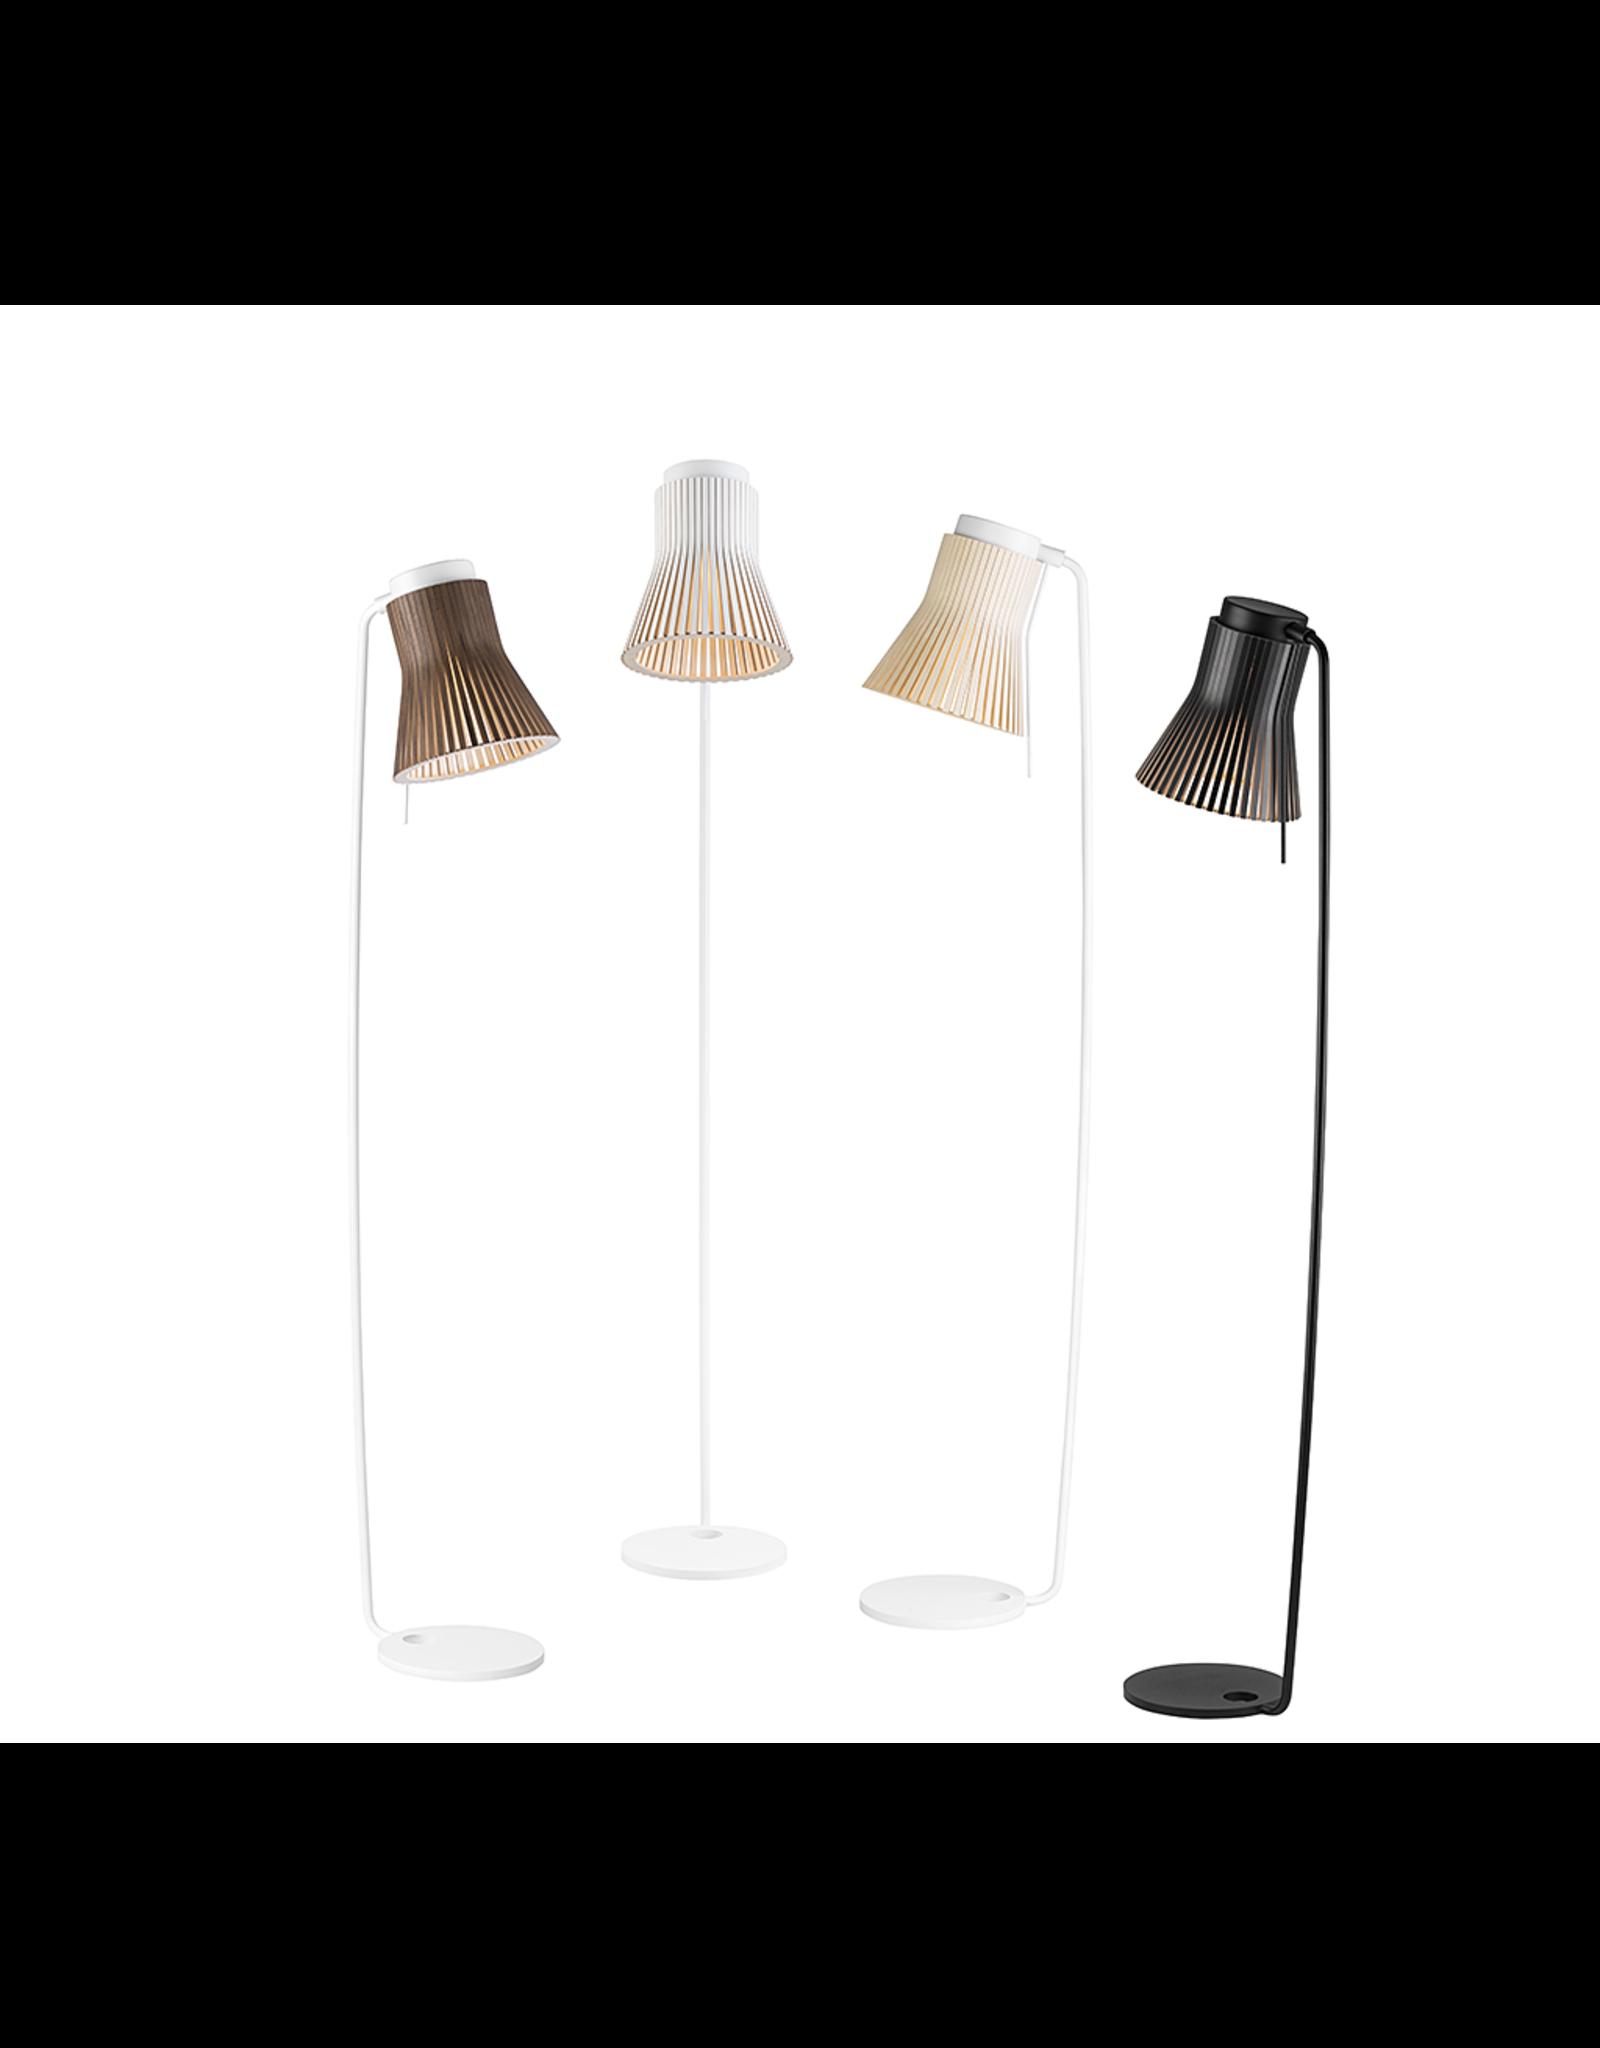 SECTO DESIGN PETITE 4610 FLOOR LAMP